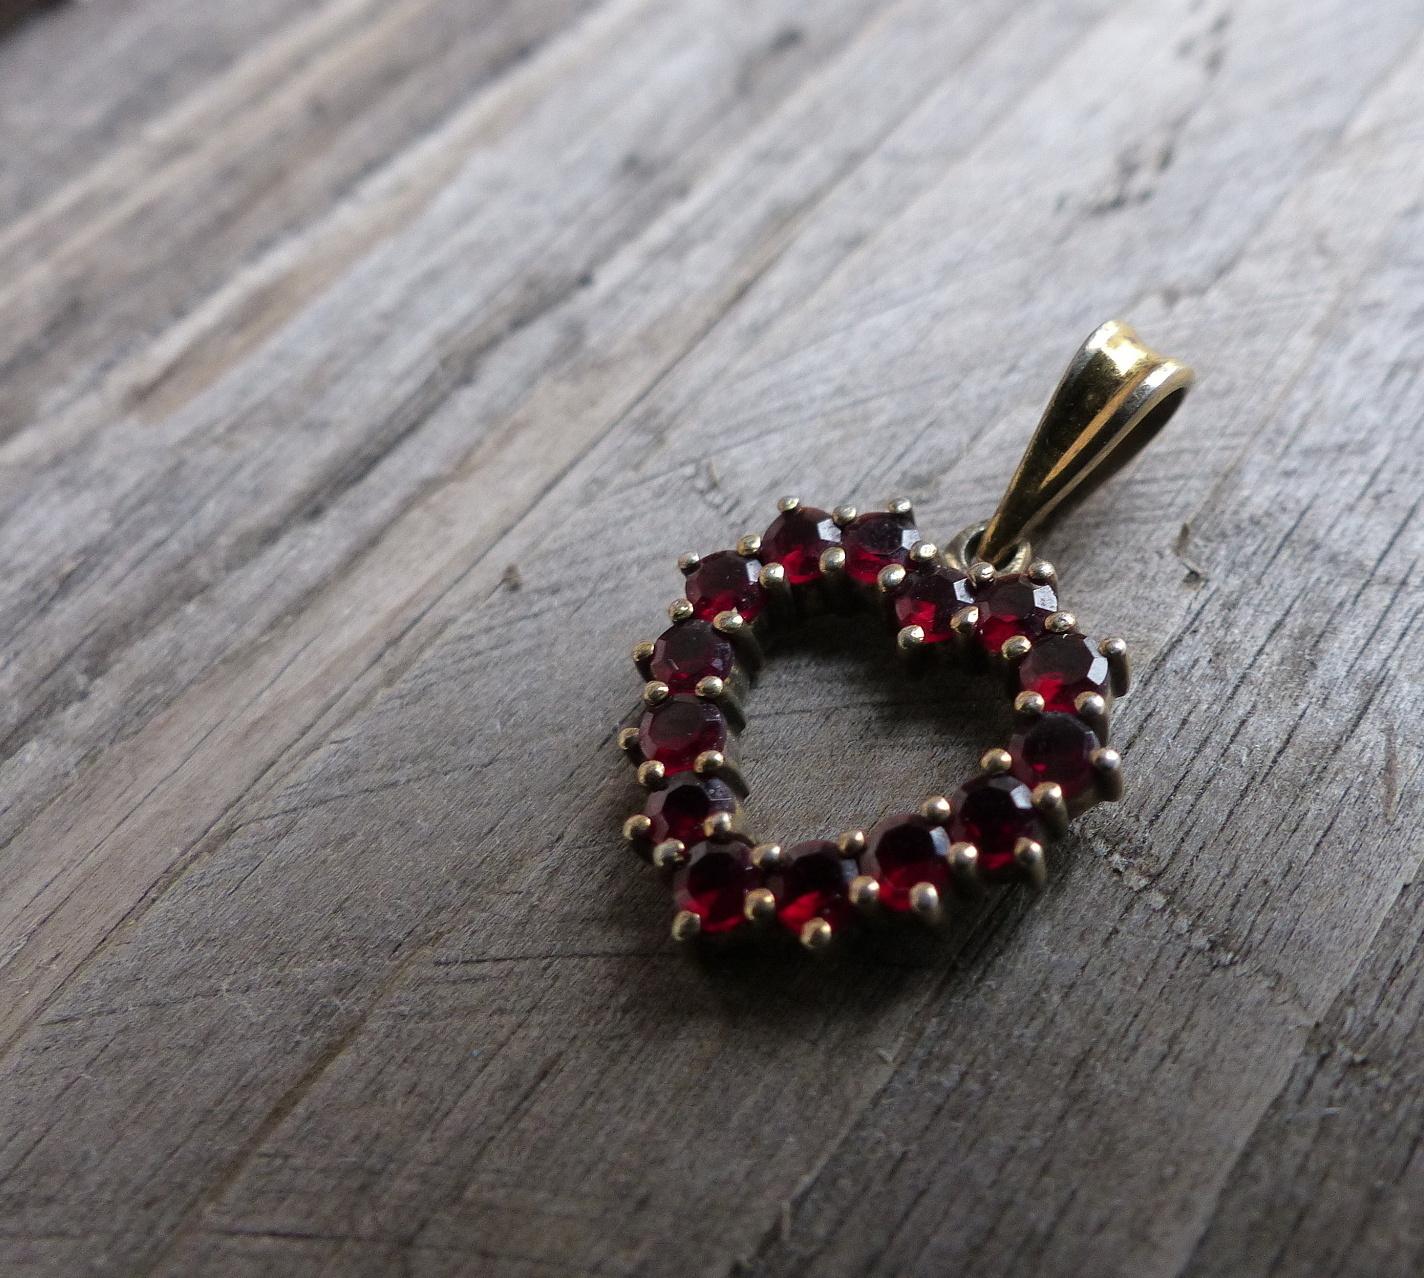 Malé srdce...stříbrný přívěšek s českými granáty   Zboží prodejce ... 812719190d1